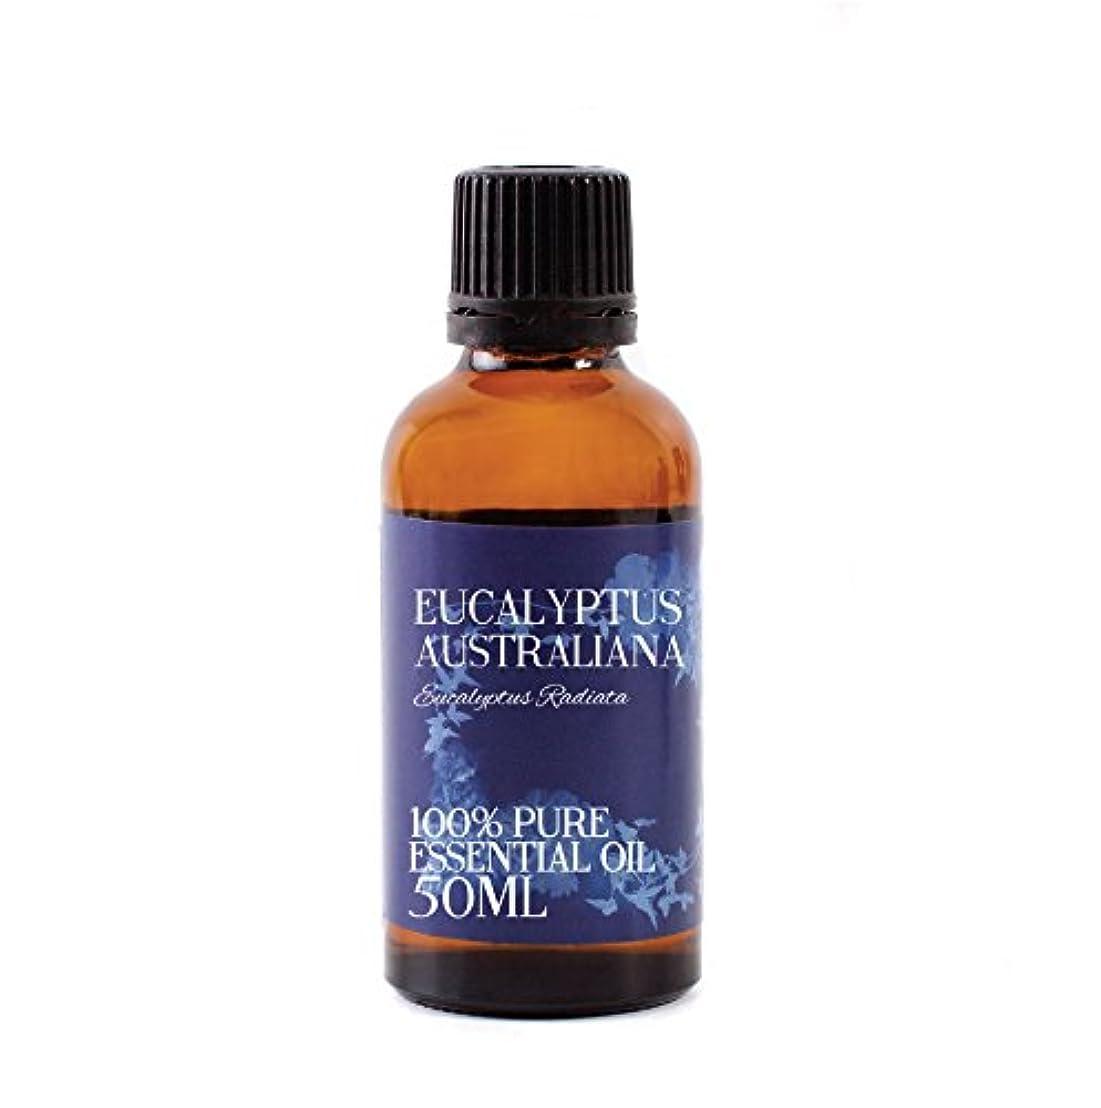 スペイン豊富ロードブロッキングMystic Moments | Eucalyptus Australiana Essential Oil - 50ml - 100% Pure